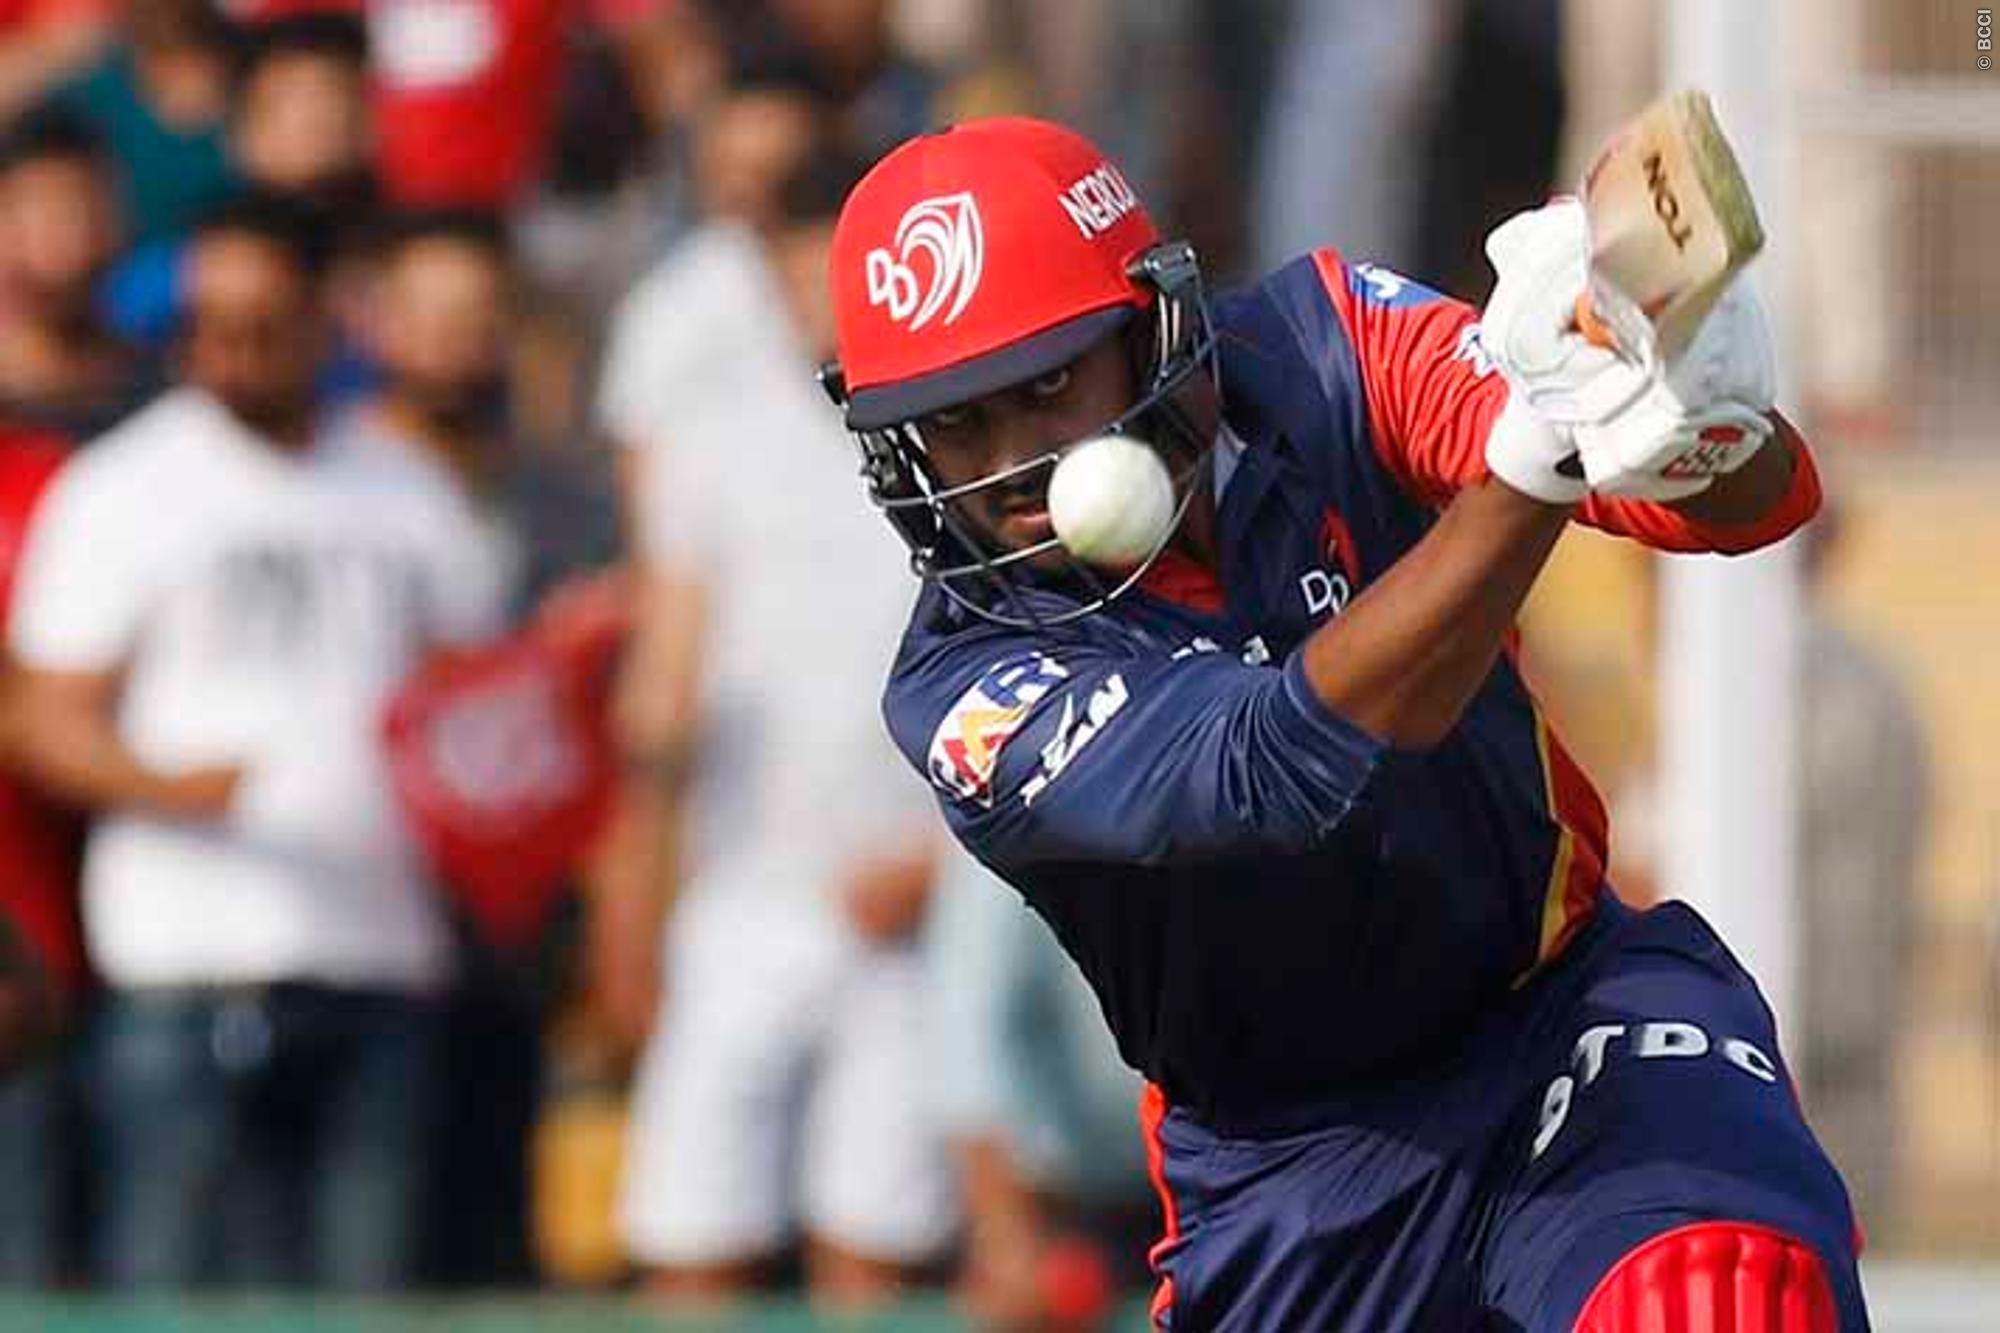 PLAYING XI: मुंबई को हरा प्ले ऑफ का समीकरण बिगाड़ने के लिए इन 11 खिलाड़ियों के साथ उतरेगी दिल्ली 6